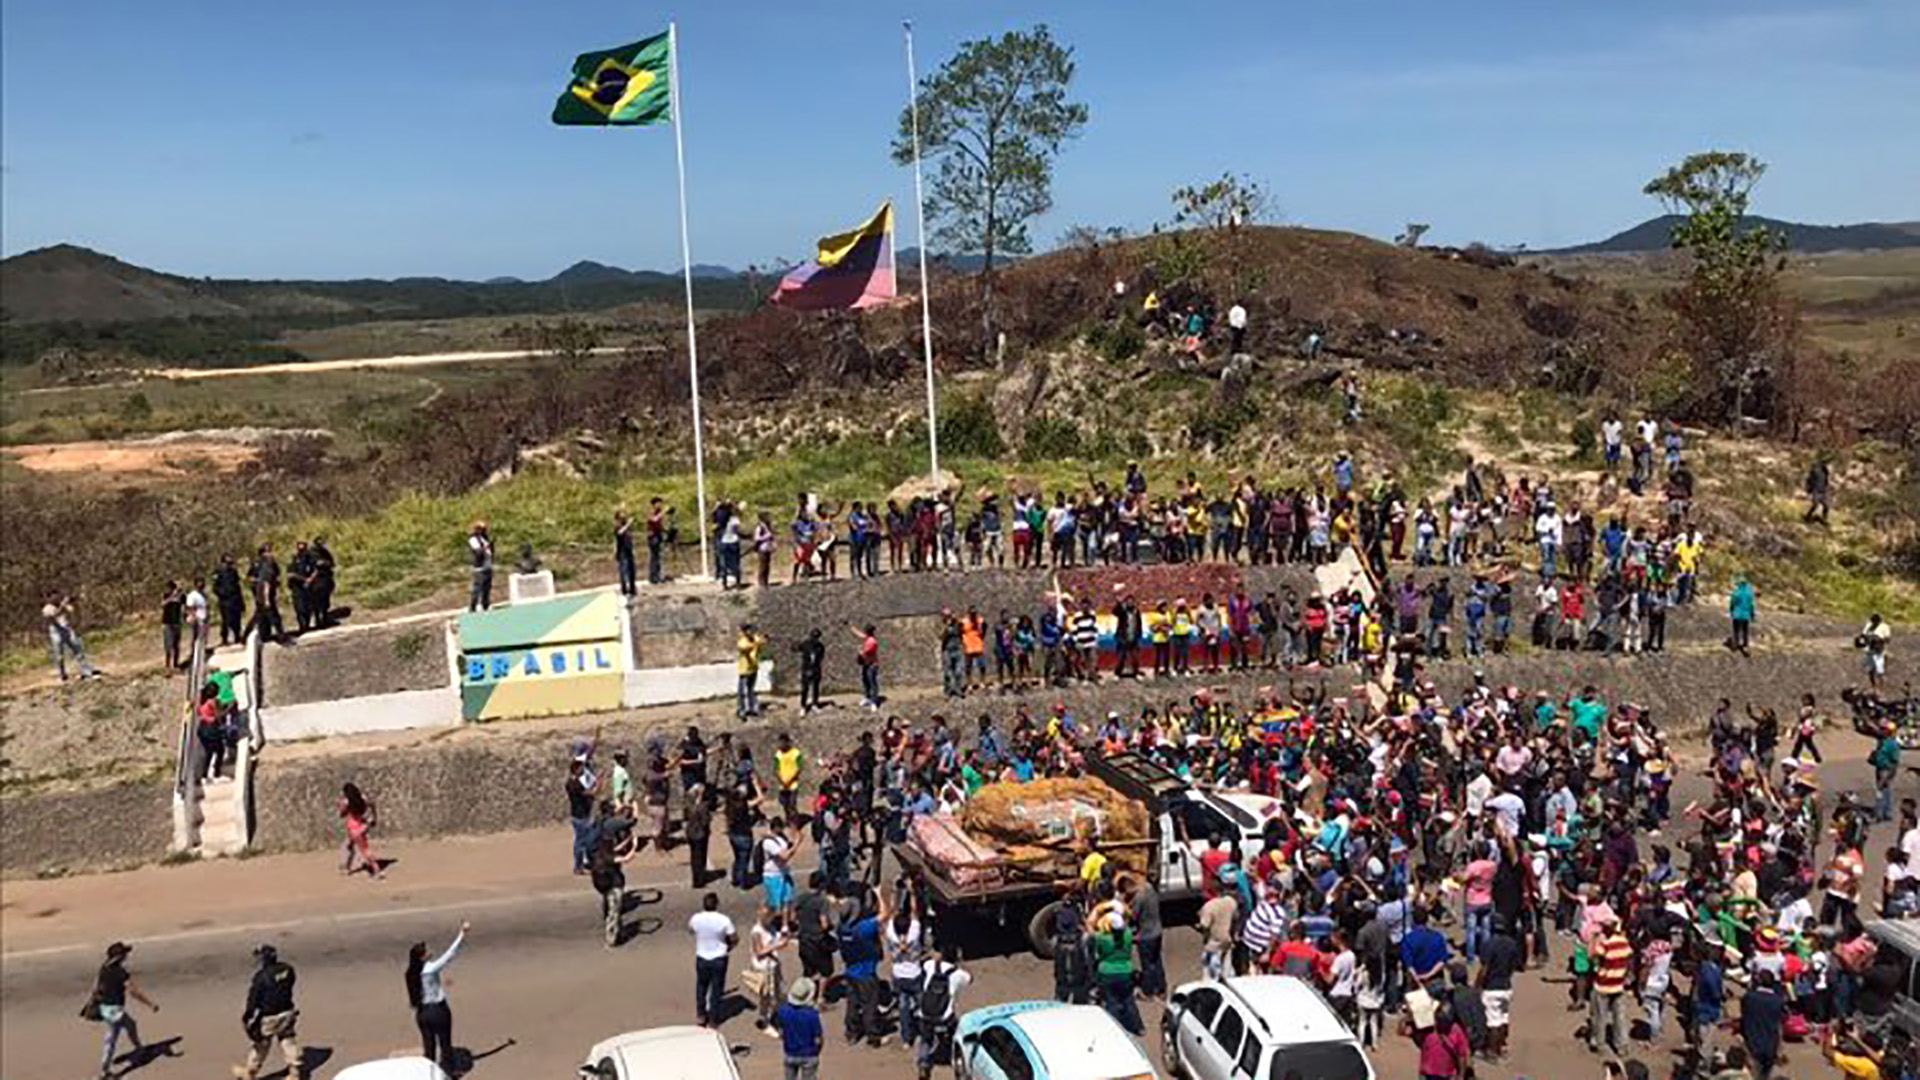 El primer envío de ayuda humanitaria ingresa por Acaraima, en la frontera entre Venezuela y Brasil (@ConflictsW)